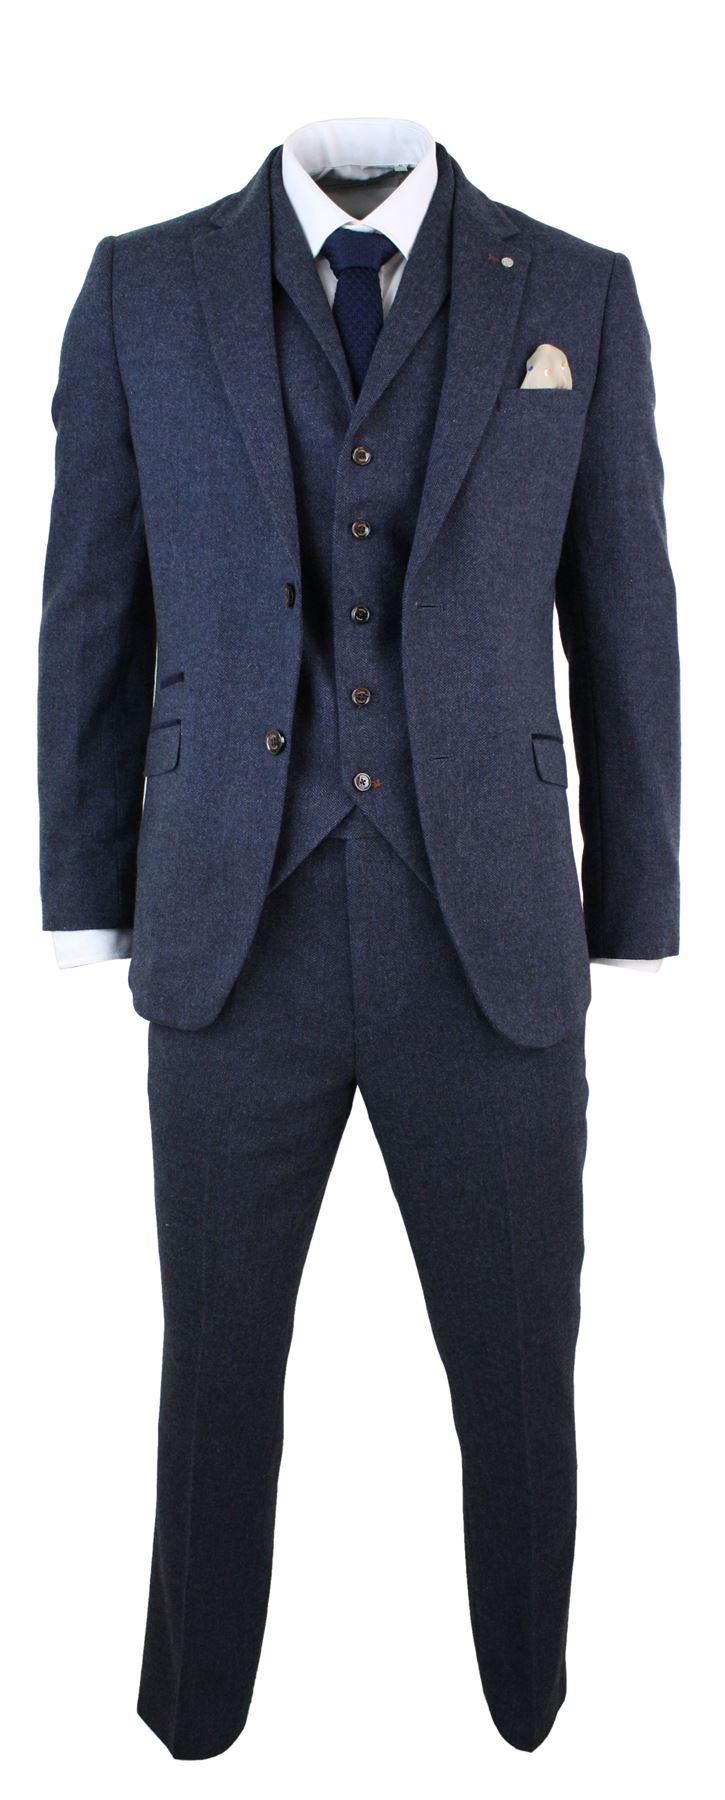 63df81257fa Details about Mens 3 Piece Wool Blend Herringbone Tweed Suit Blue Brown  Vintage Tailored Fit